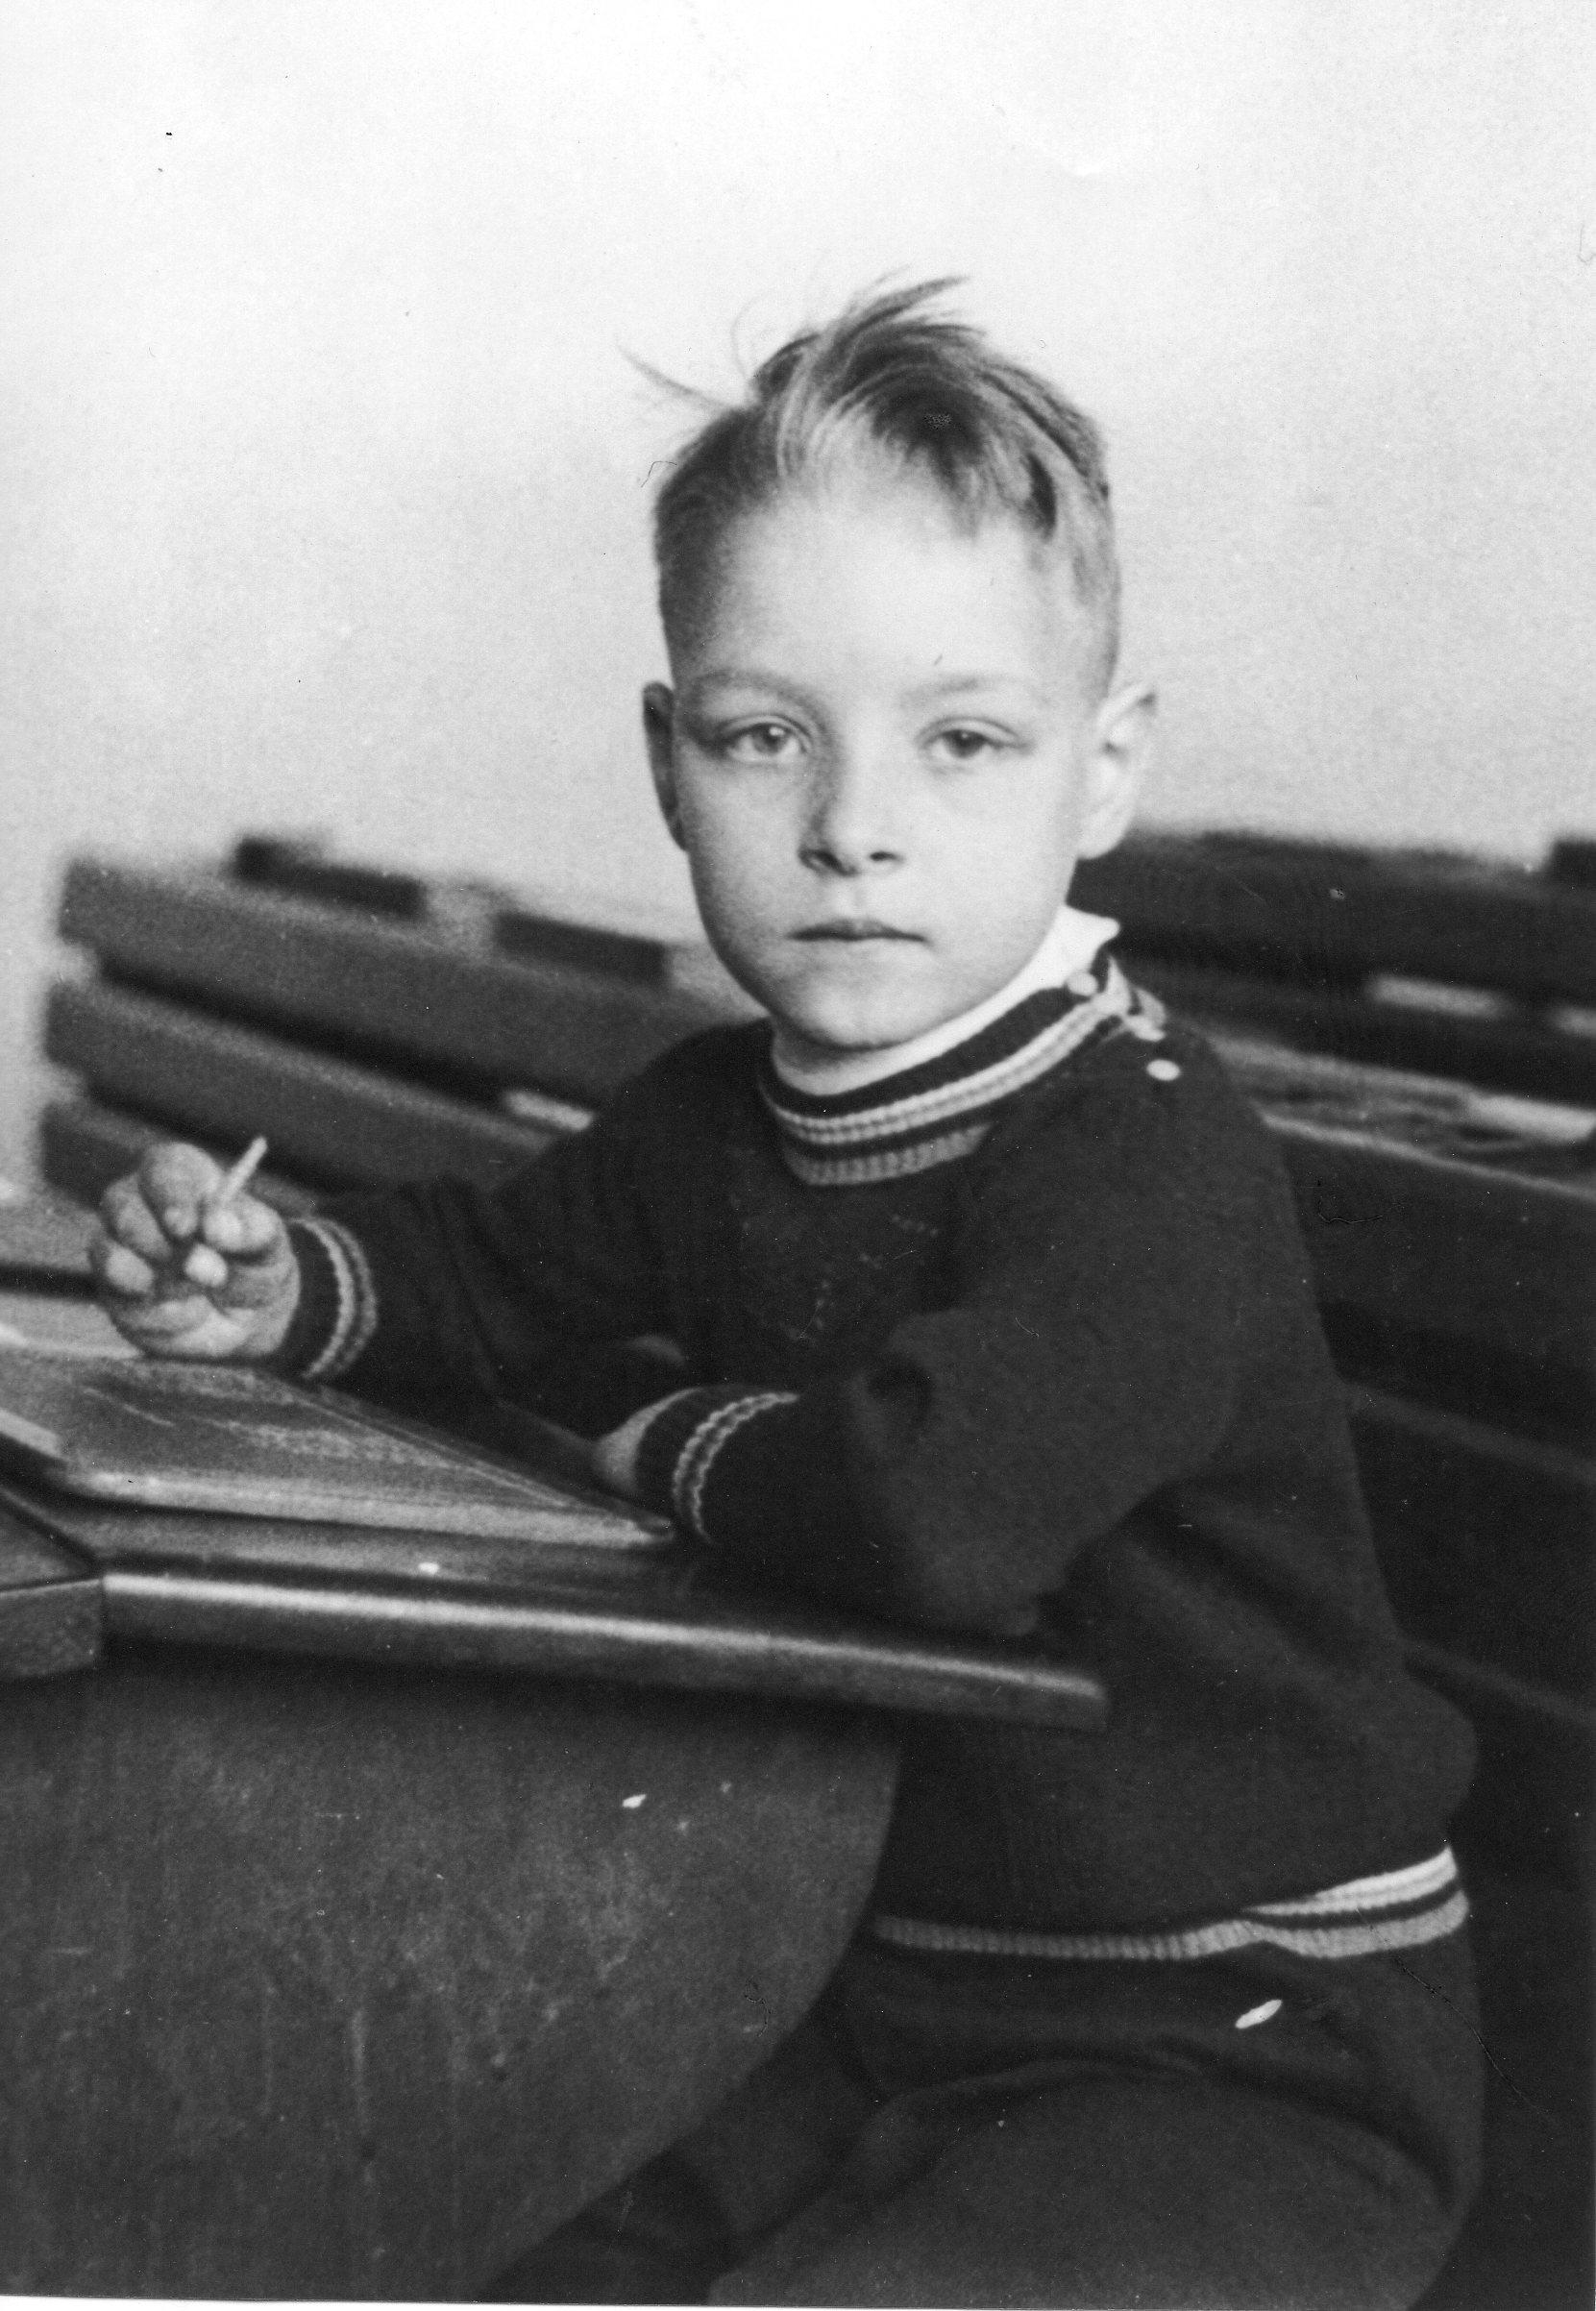 waldenfels: erster schultag 1940